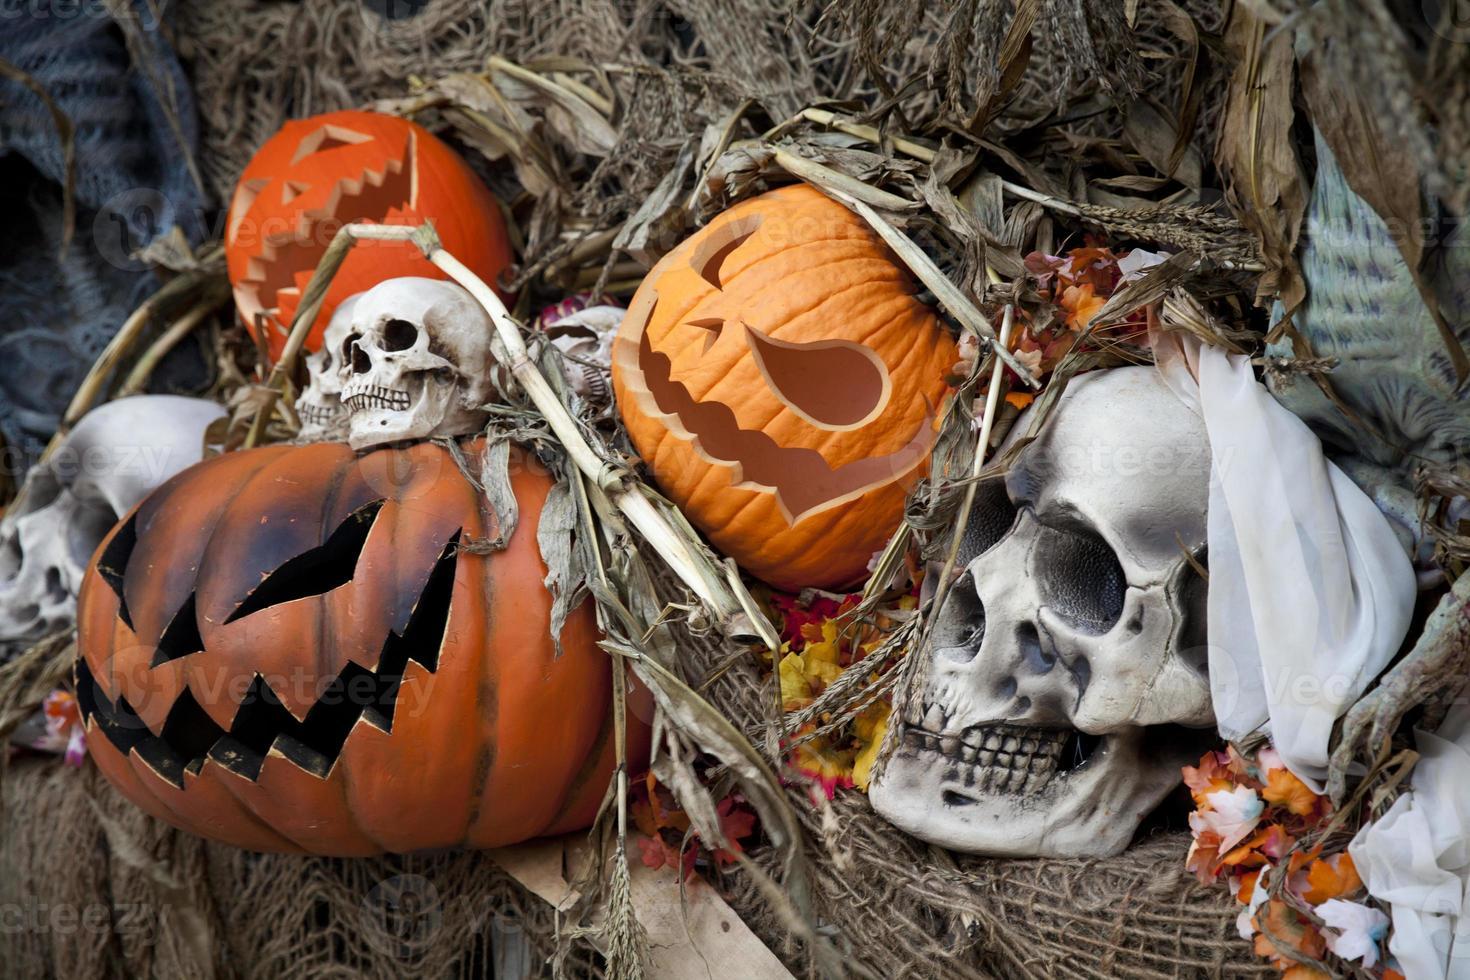 décorations d'Halloween photo